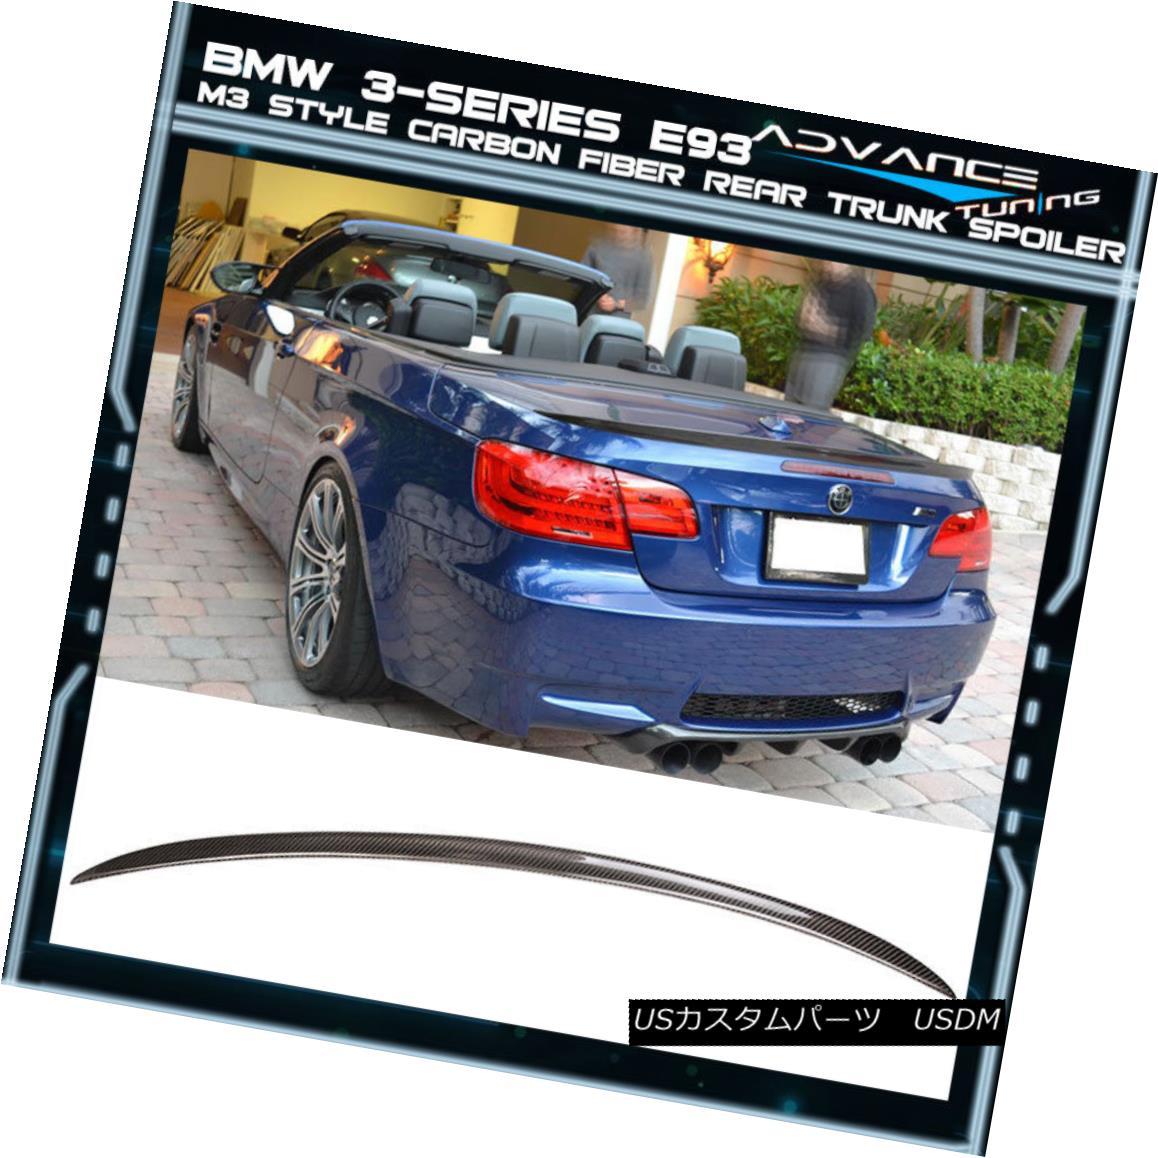 エアロパーツ 07-13 BMW 3-Series E93 Convertible M3 Real Rear Trunk Boot Spoiler Carbon Fiber 07-13 BMW 3シリーズE93コンバーチブルM3リアルリアトランクブートスポイラーカーボンファイバー